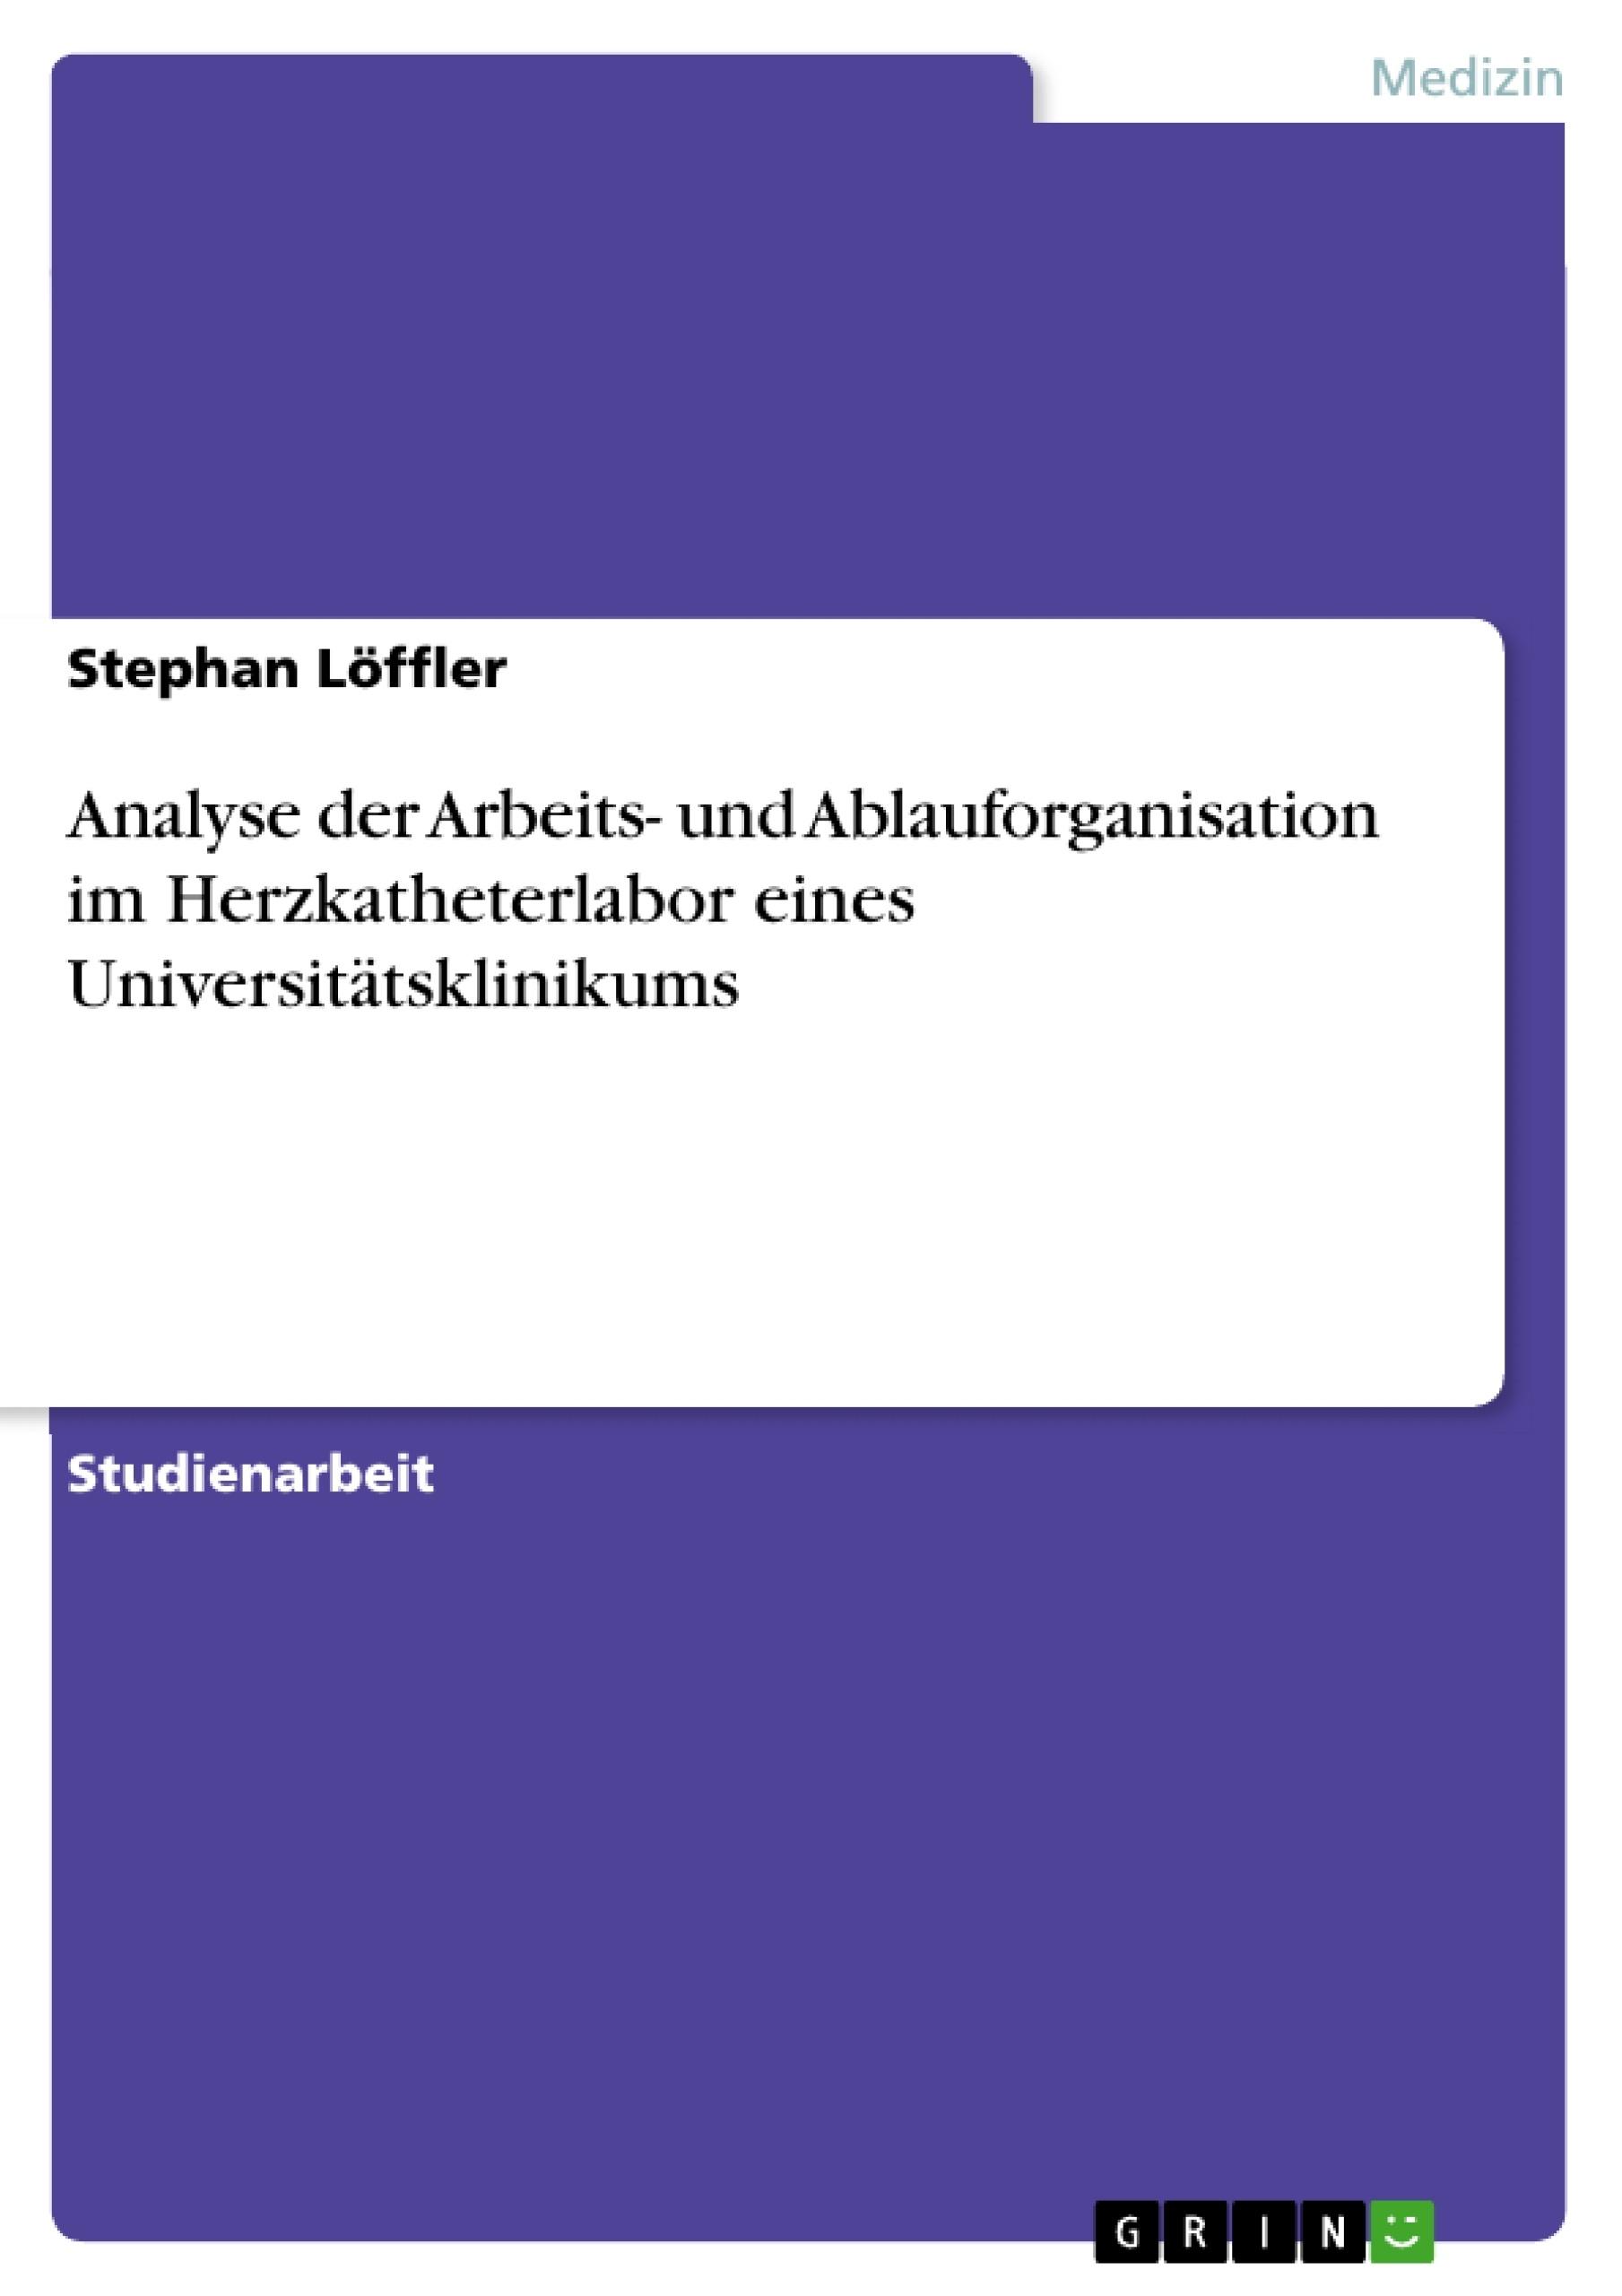 Titel: Analyse der Arbeits- und Ablauforganisation im Herzkatheterlabor eines Universitätsklinikums